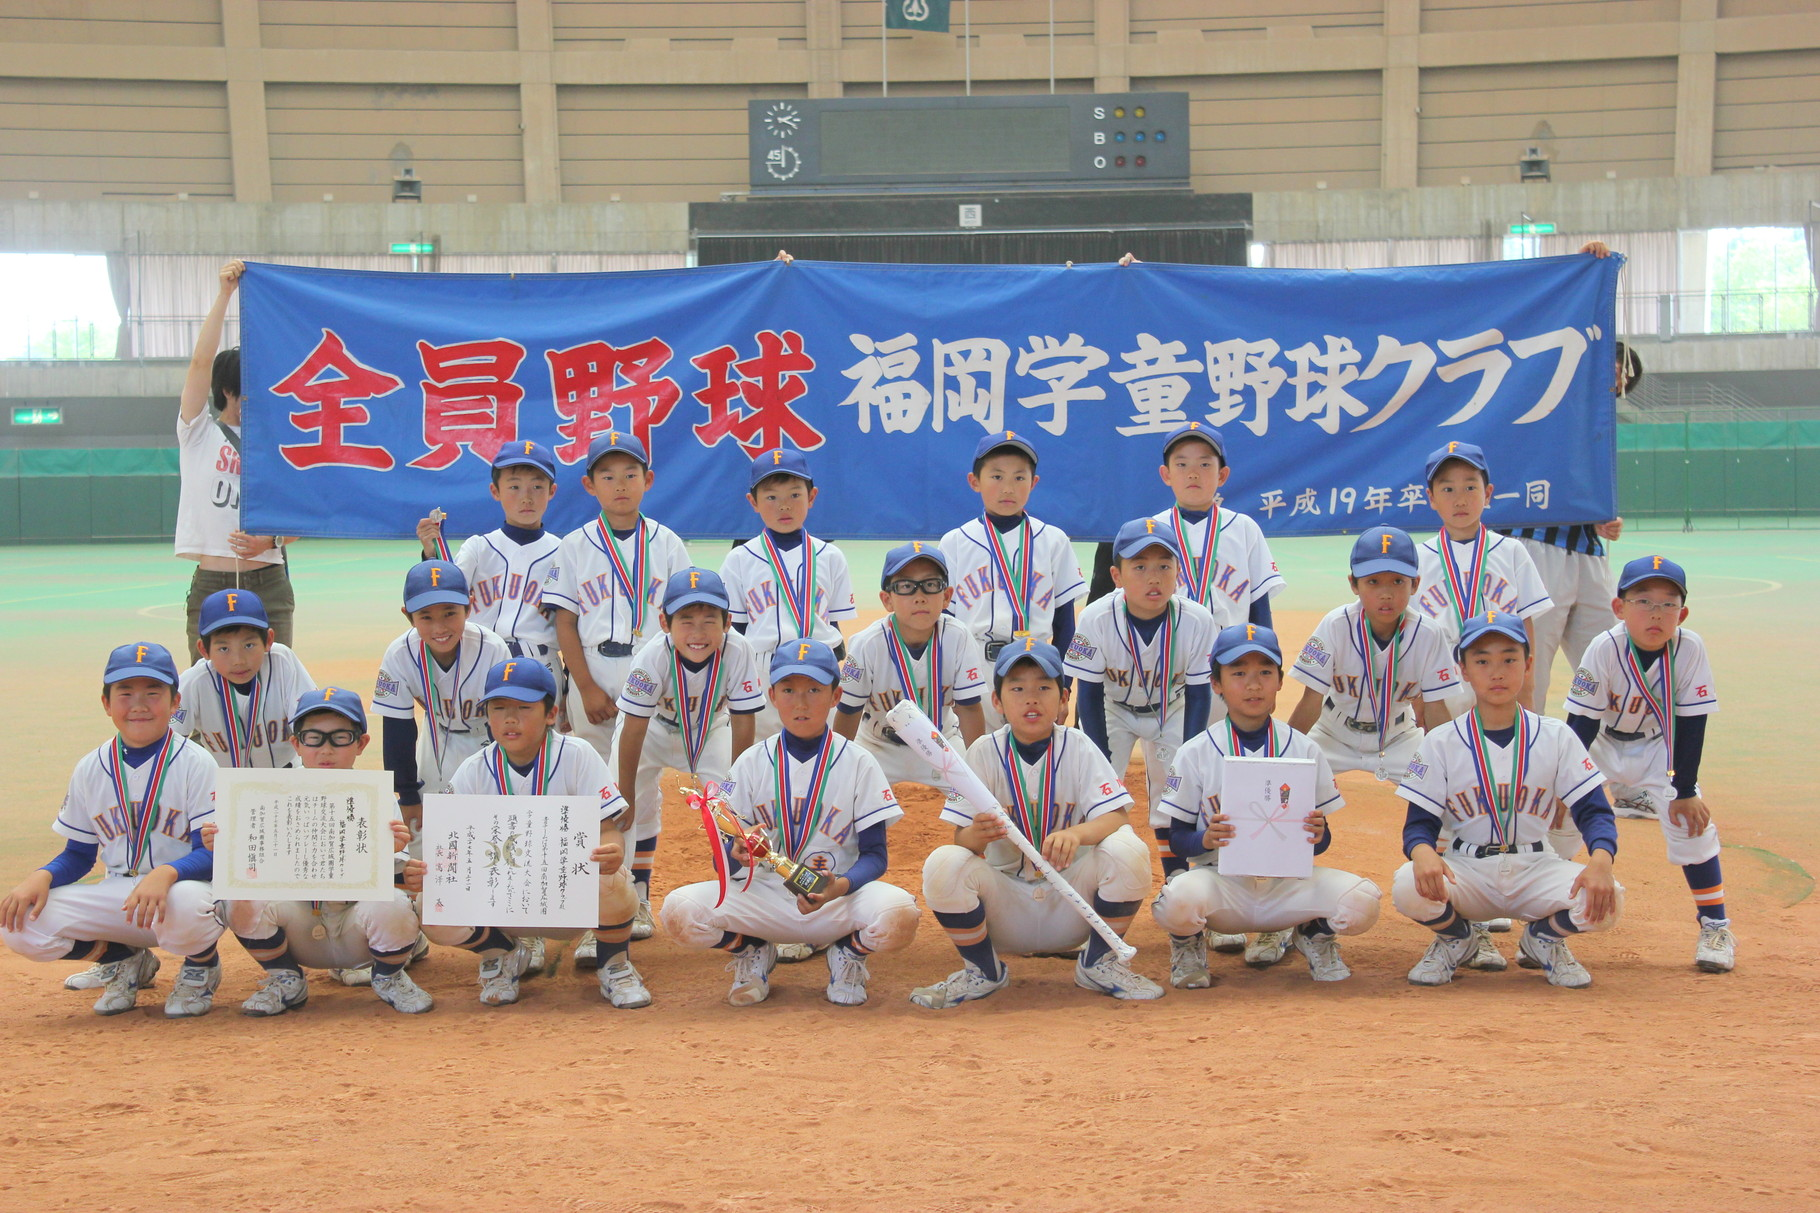 準優勝‐福岡学童野球クラブ